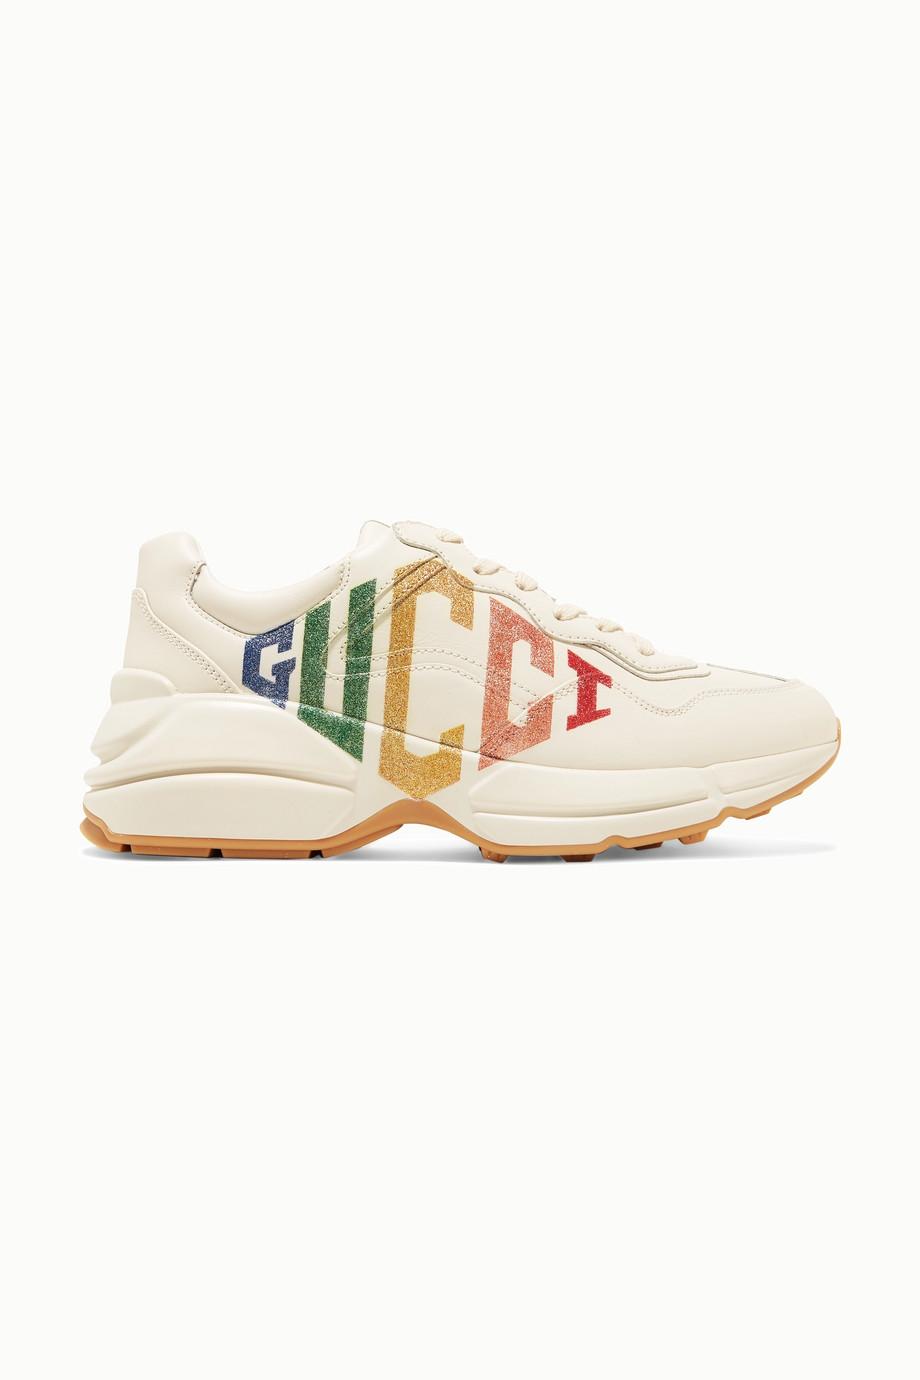 Gucci Rhyton 金属感 Logo 印花皮革运动鞋